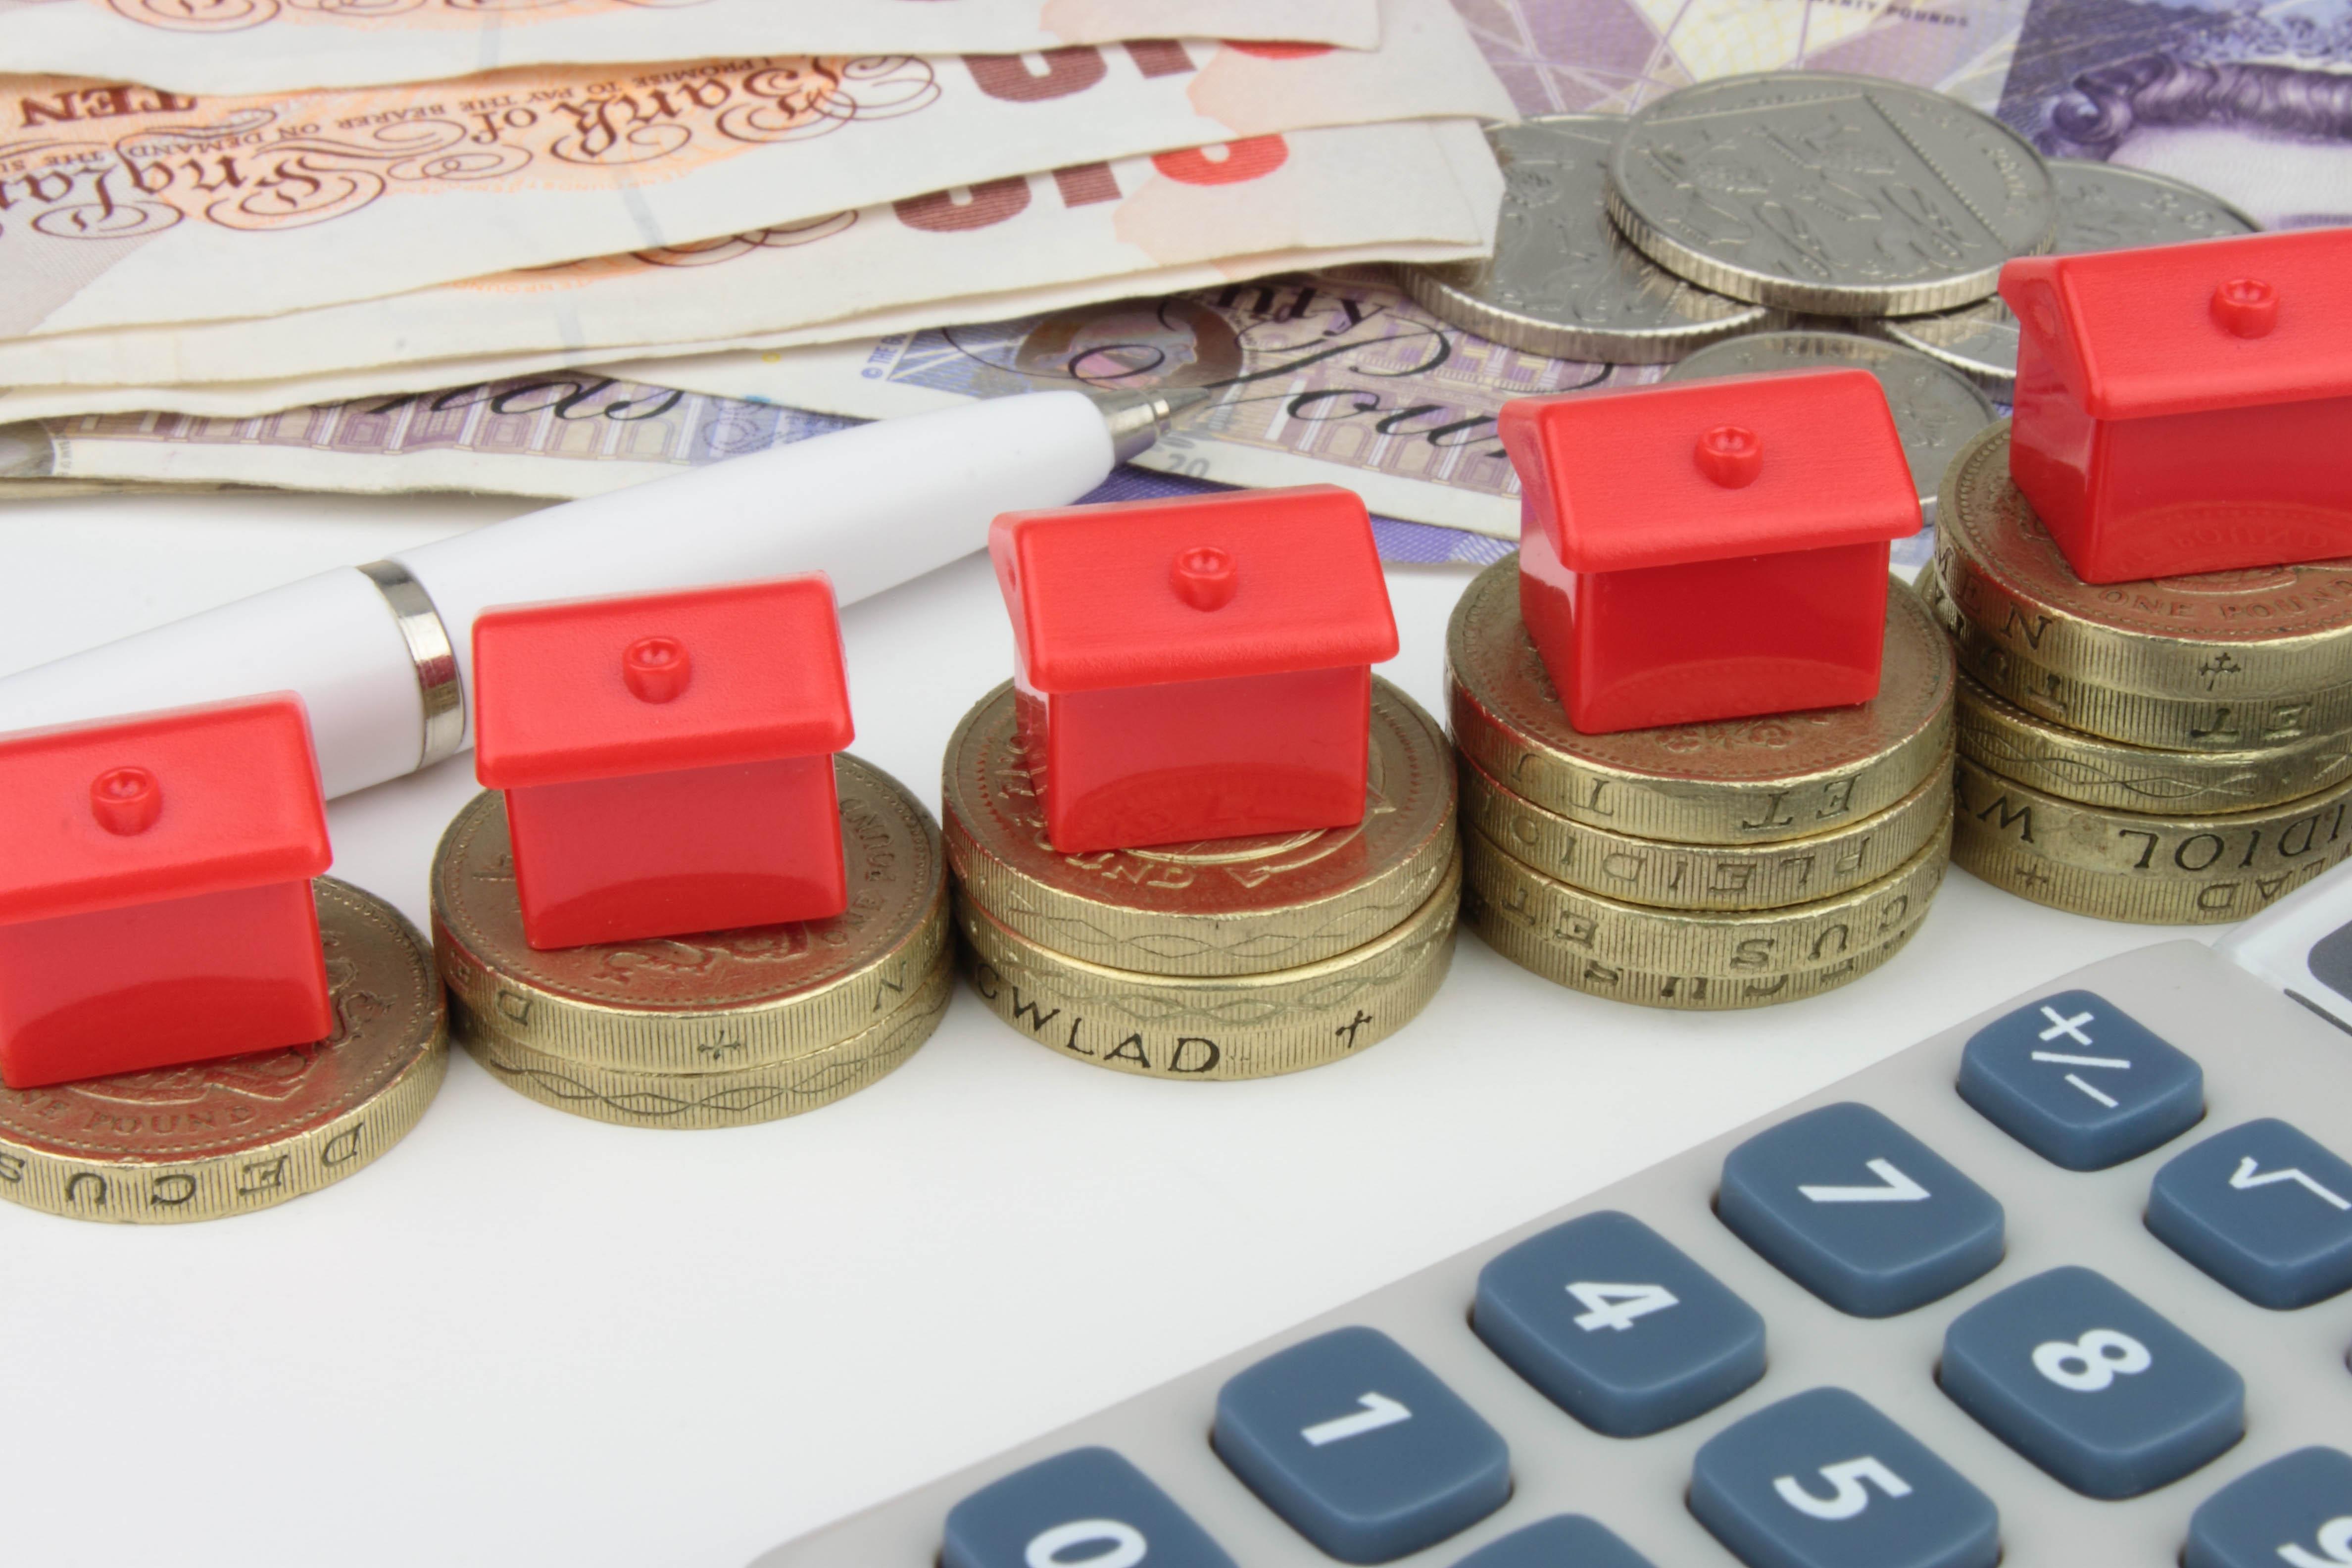 Homelet Rental Index shows 3.2% average UK rent rise in 12 months - https://roomslocal.co.uk/blog/homelet-rental-index-shows-32-average-uk-rent-rise-in-12-months #rental #index #shows #average #rent